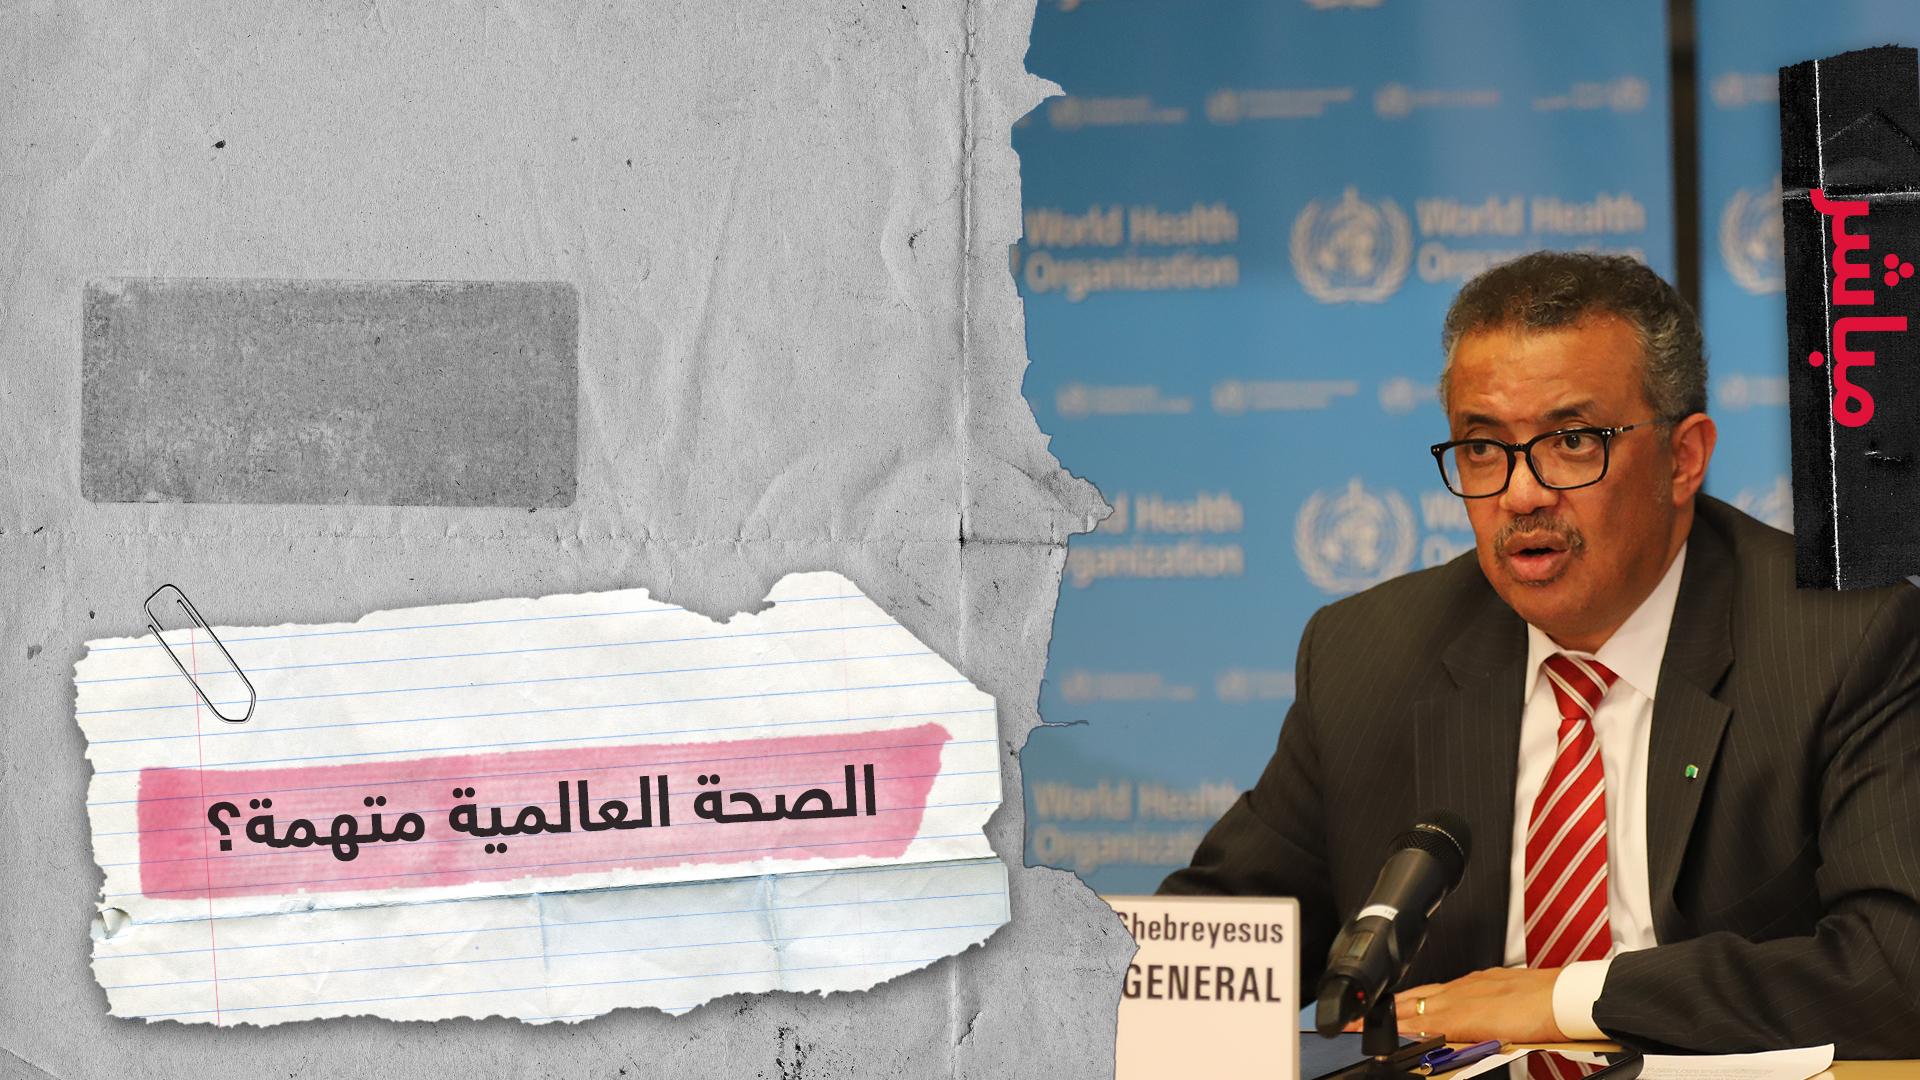 مطالب لمدير الصحة العالمية بتقديم استقالته